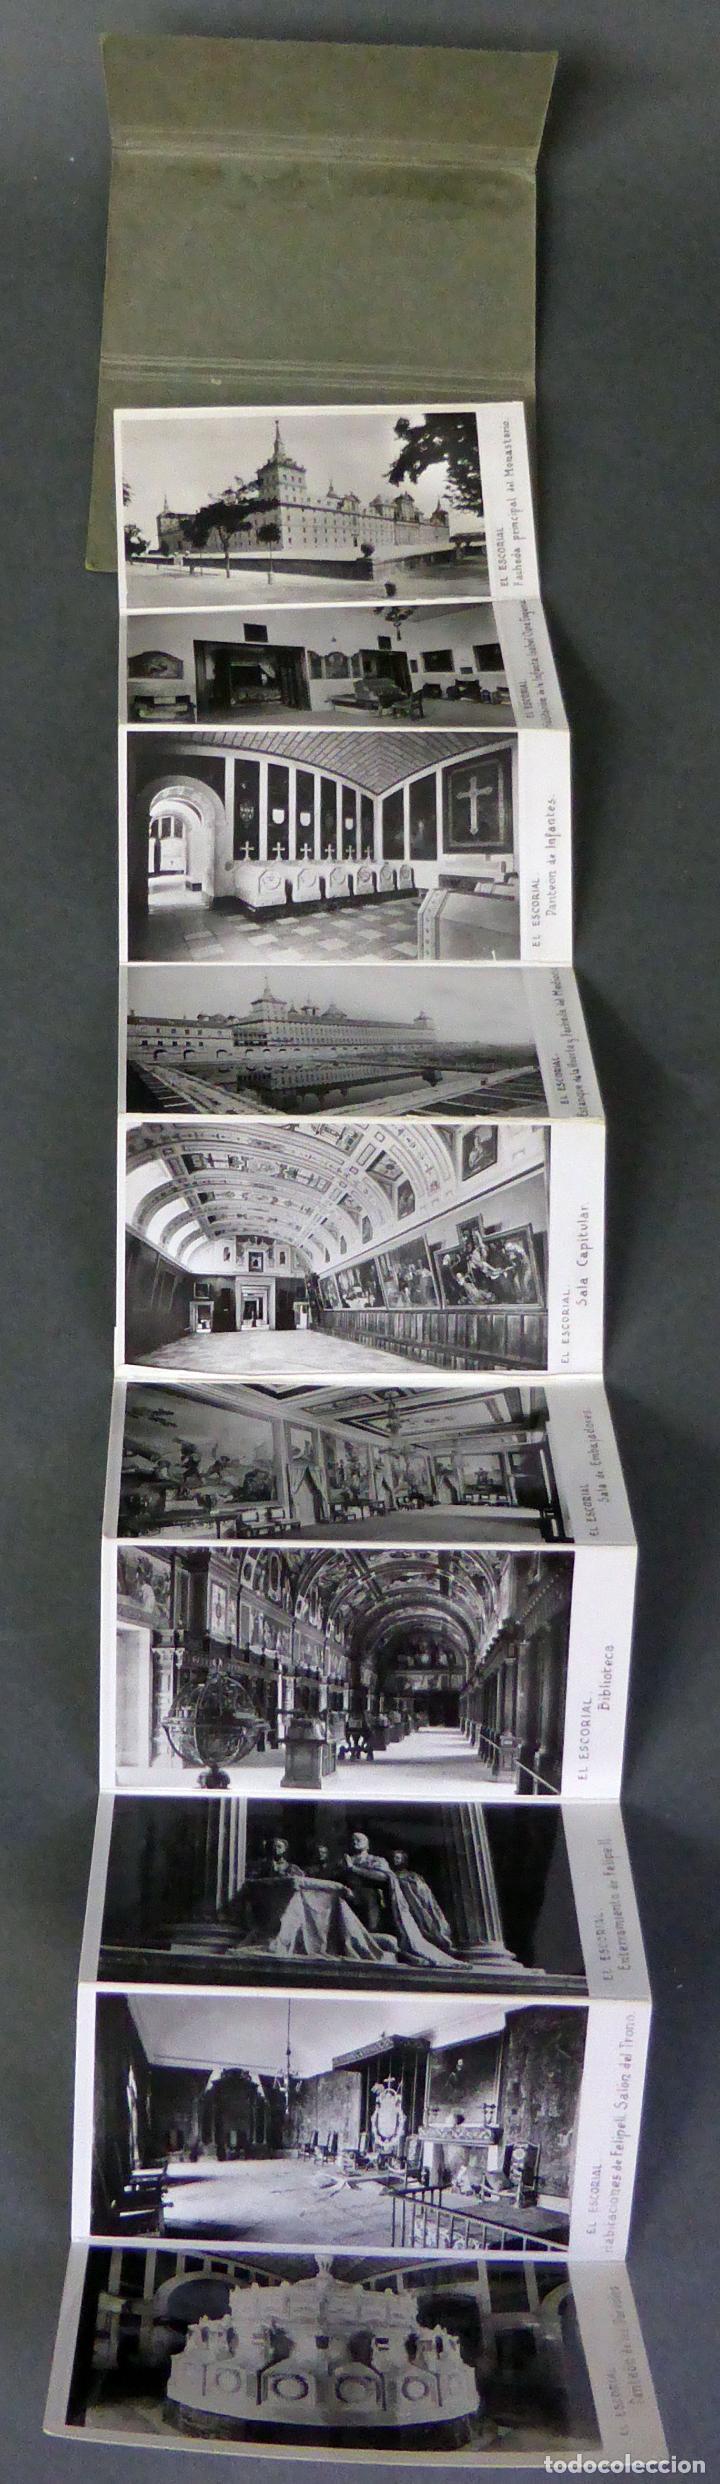 Postales: 10 miniatura postales Monasterio El Escorial García Garrabella acordeón desplegable 8,5 cm x 4,5 cm - Foto 2 - 111023535